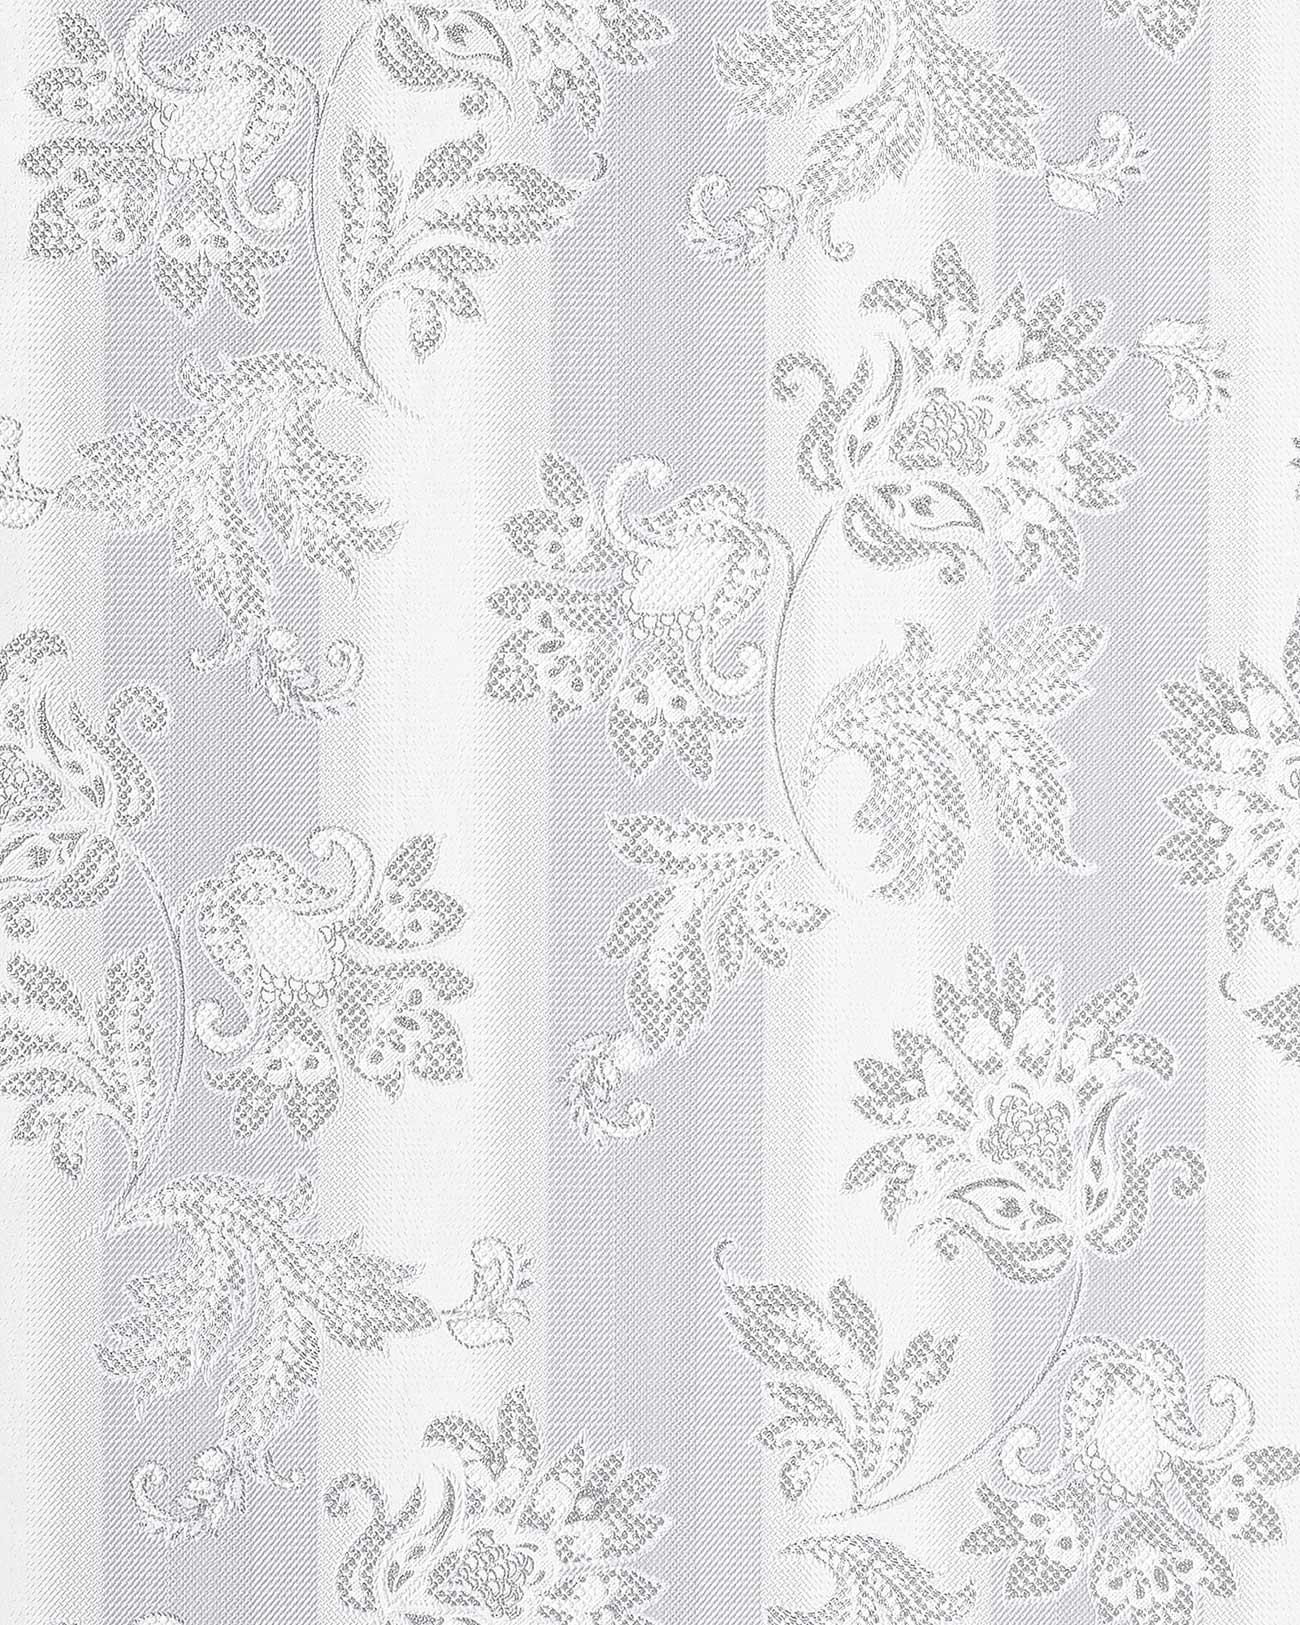 Bloemen behang structuur vinylbehang edem 084 20 design for Papel de pared gris